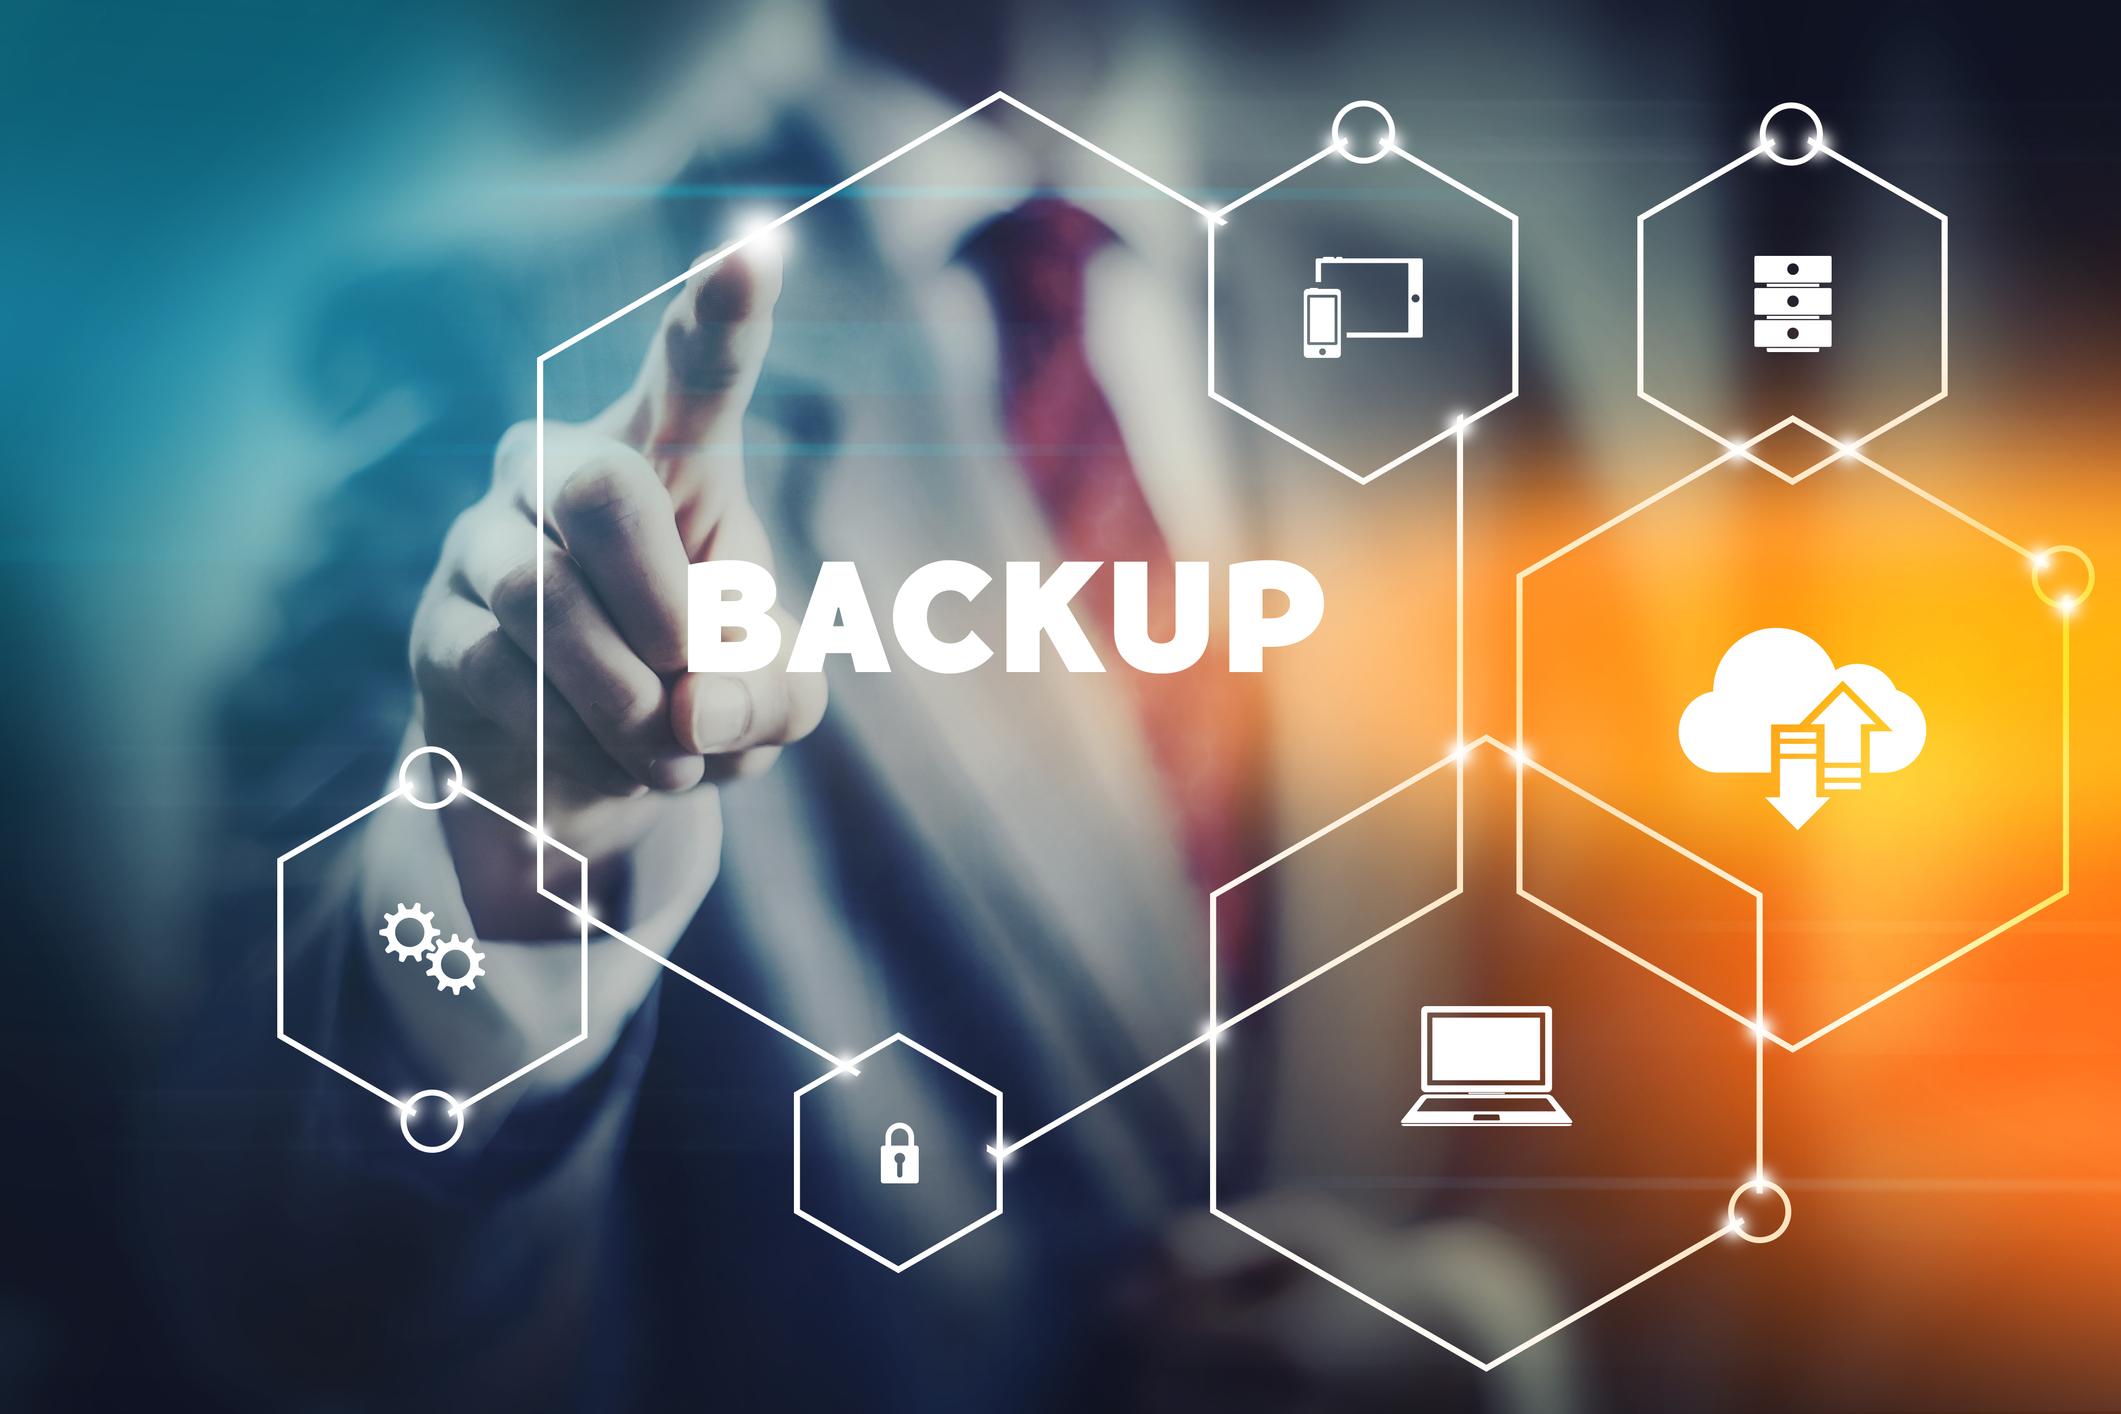 backup-solution-concept-illustration.jpg